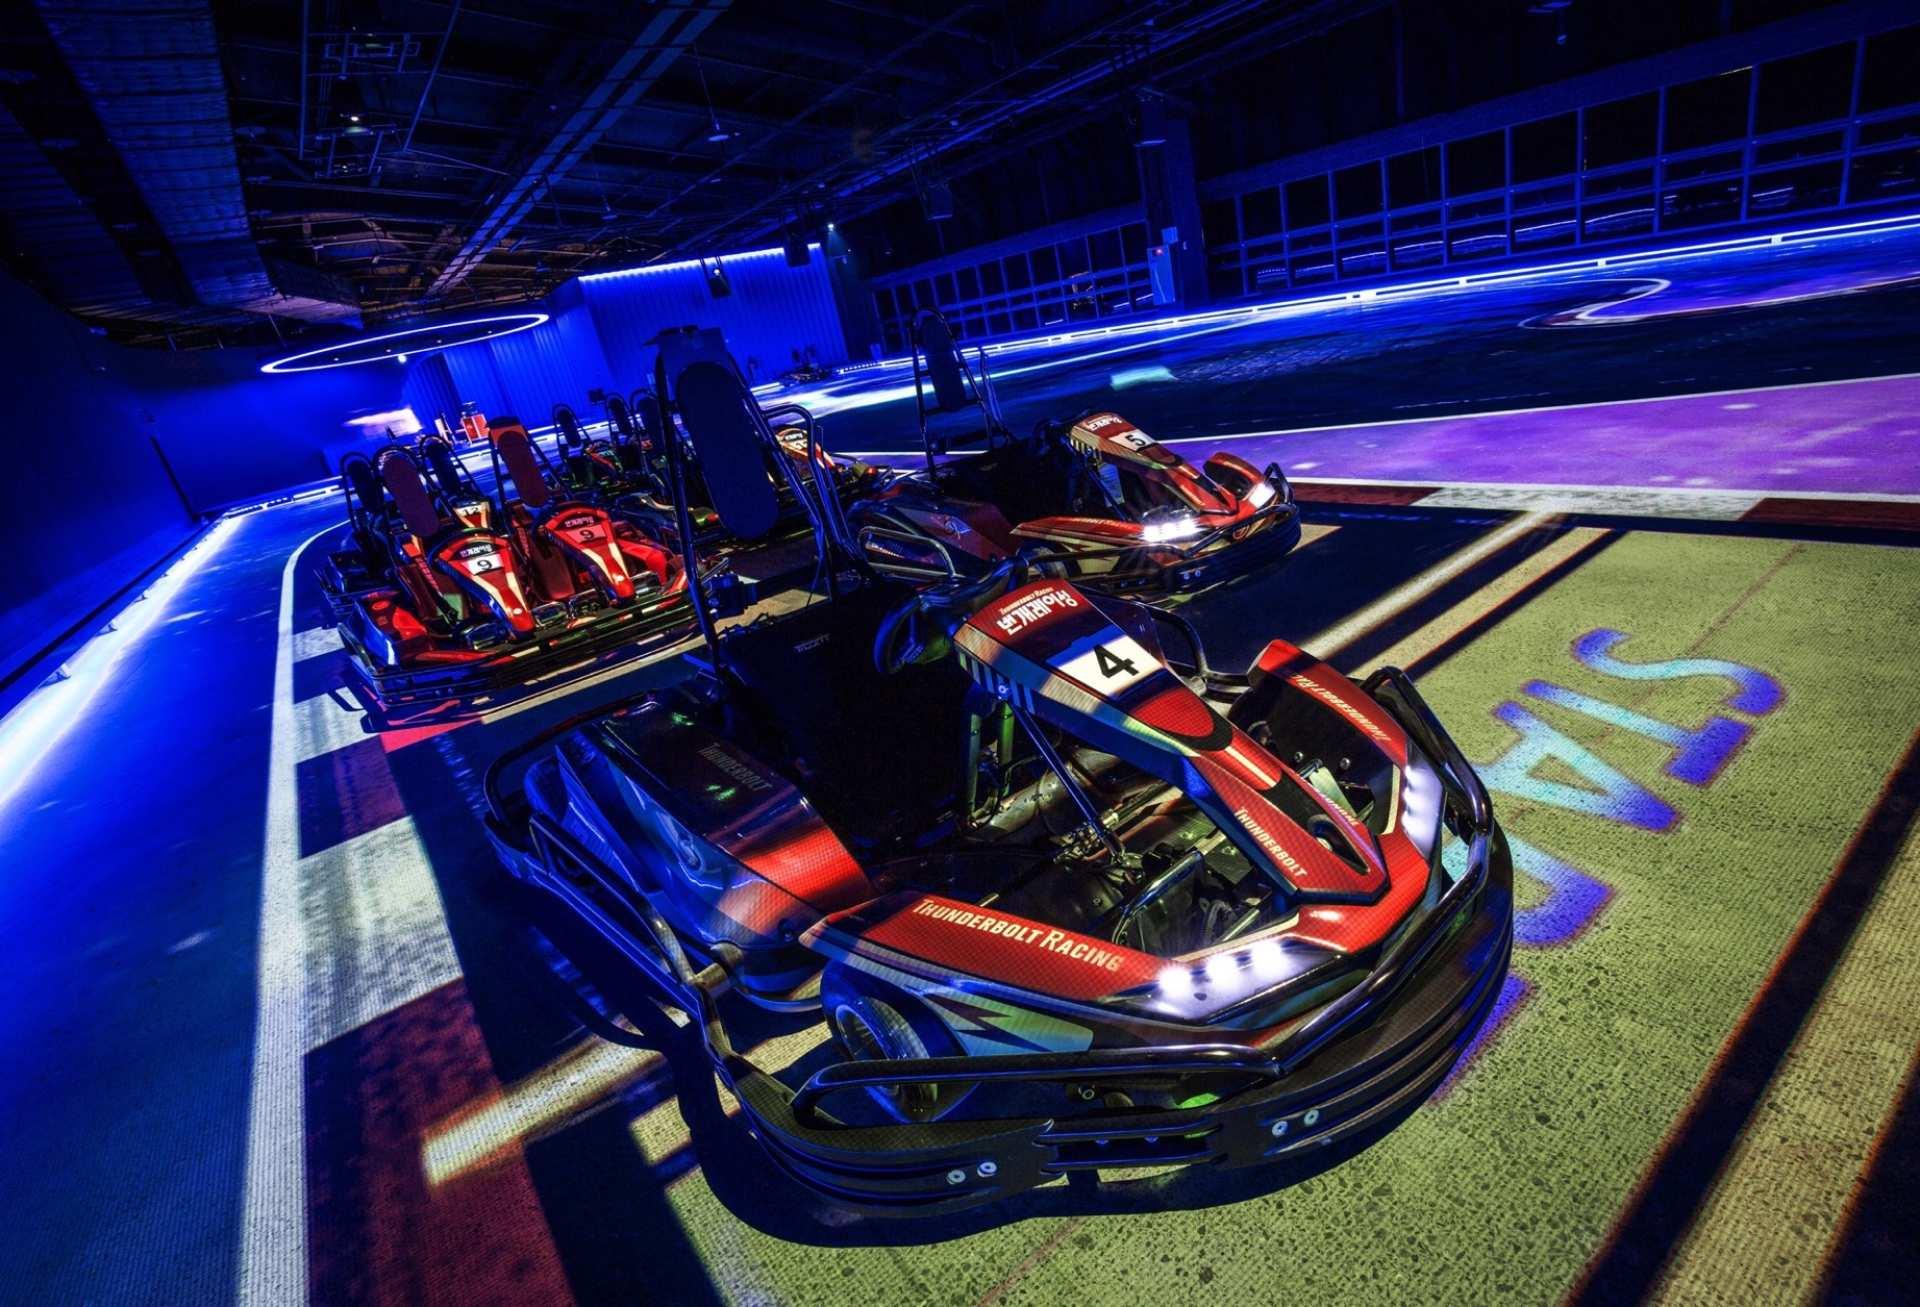 【濟州玩樂新天地】Thunderbolt Racing 閃電賽車競速體驗